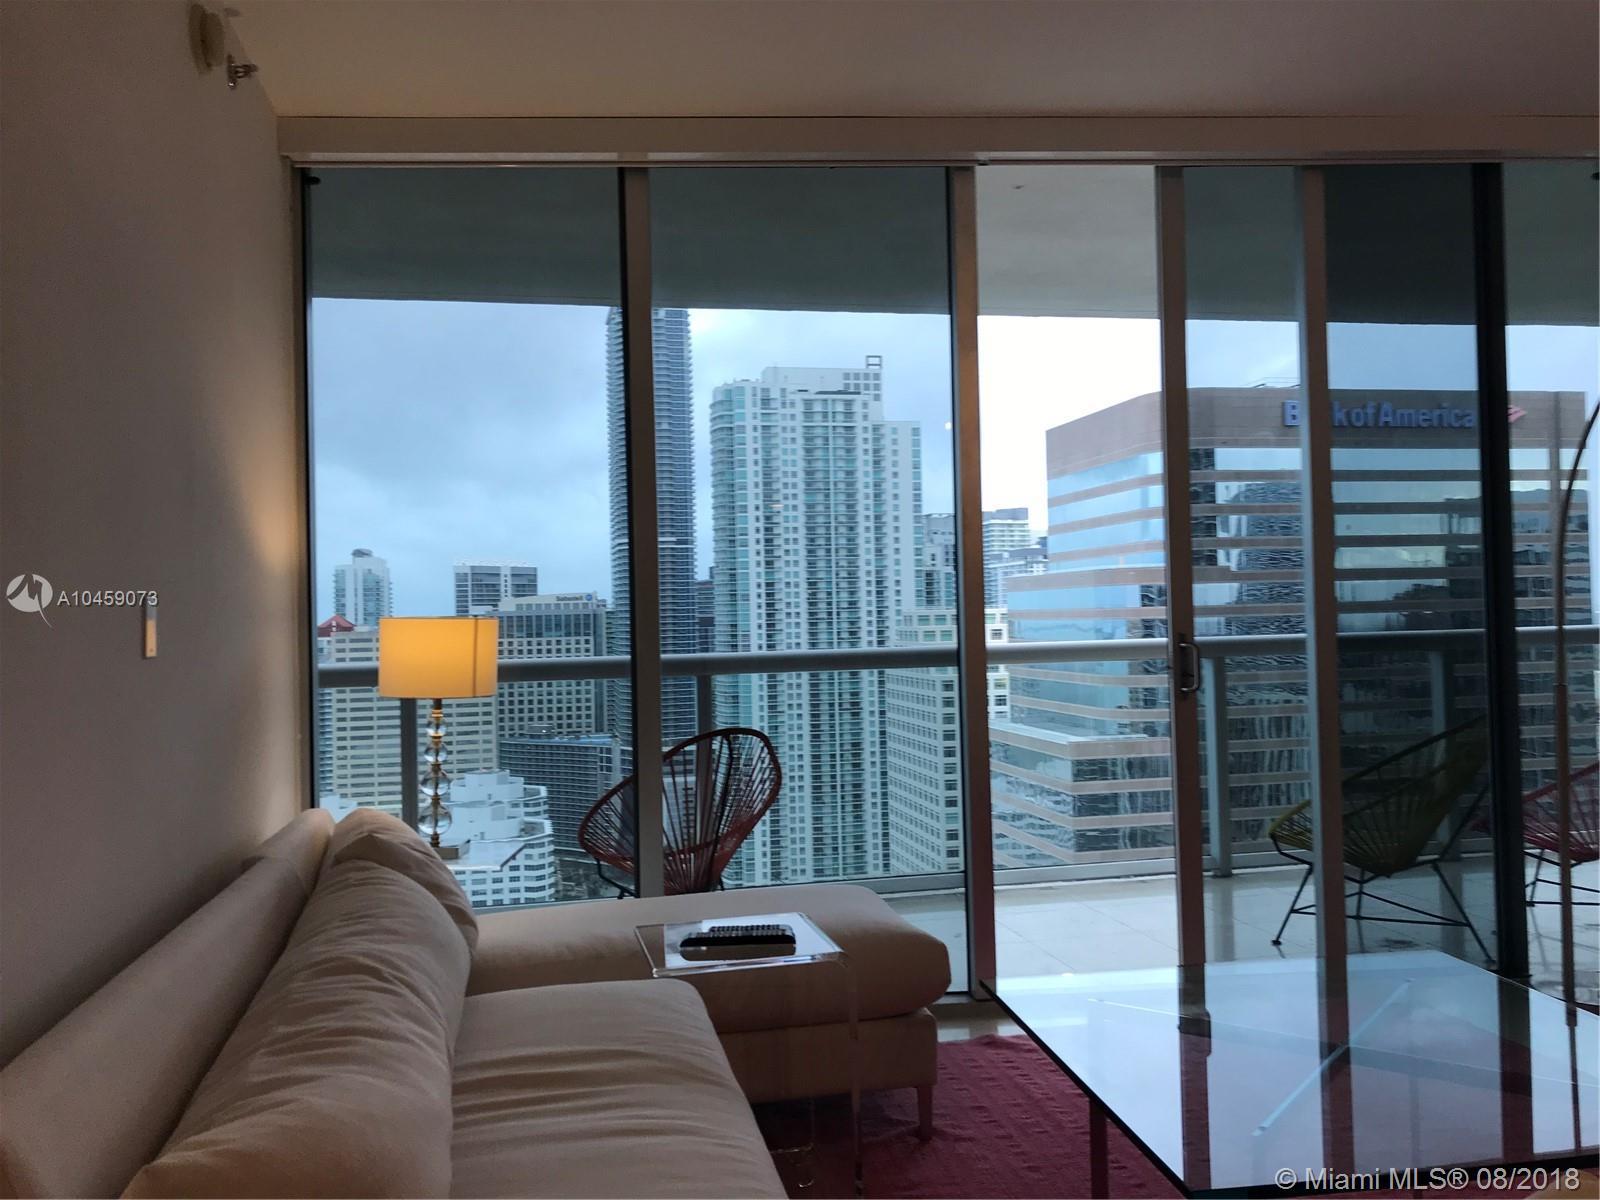 495 Brickell Ave, Miami, FL 33131, Icon Brickell II #3603, Brickell, Miami A10459073 image #16